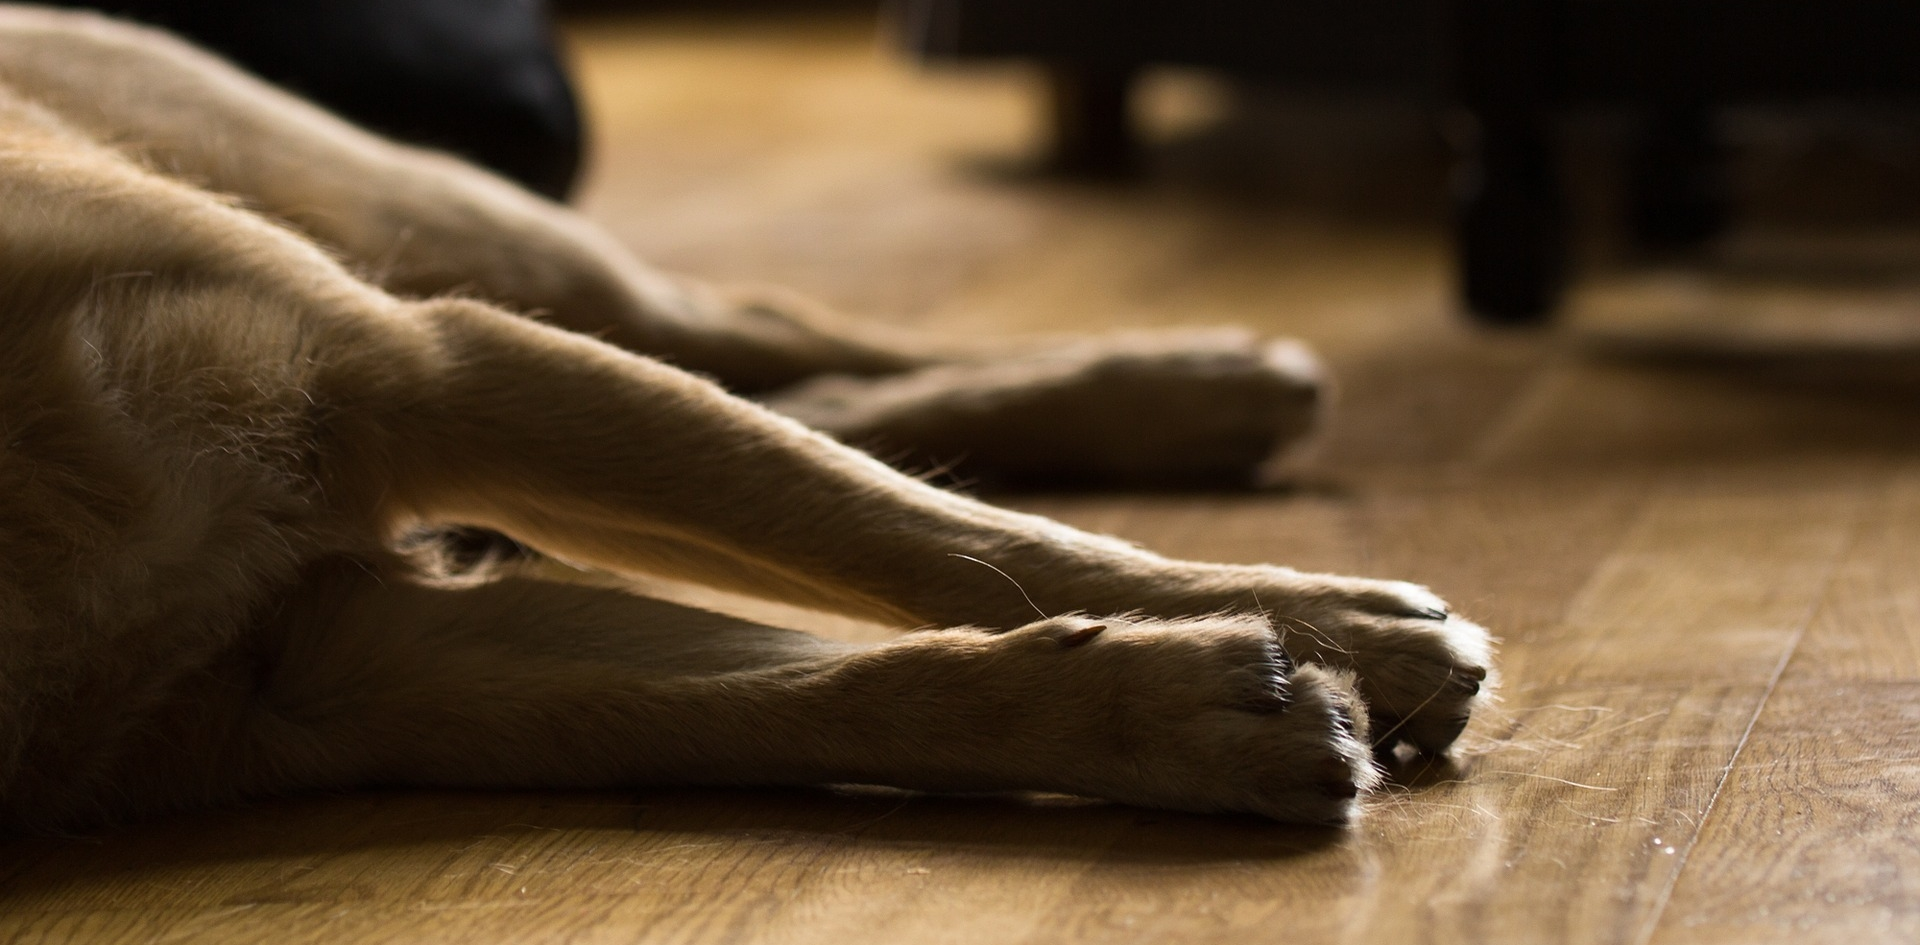 Pfoten eines liegenden Hundes auf Holzboden